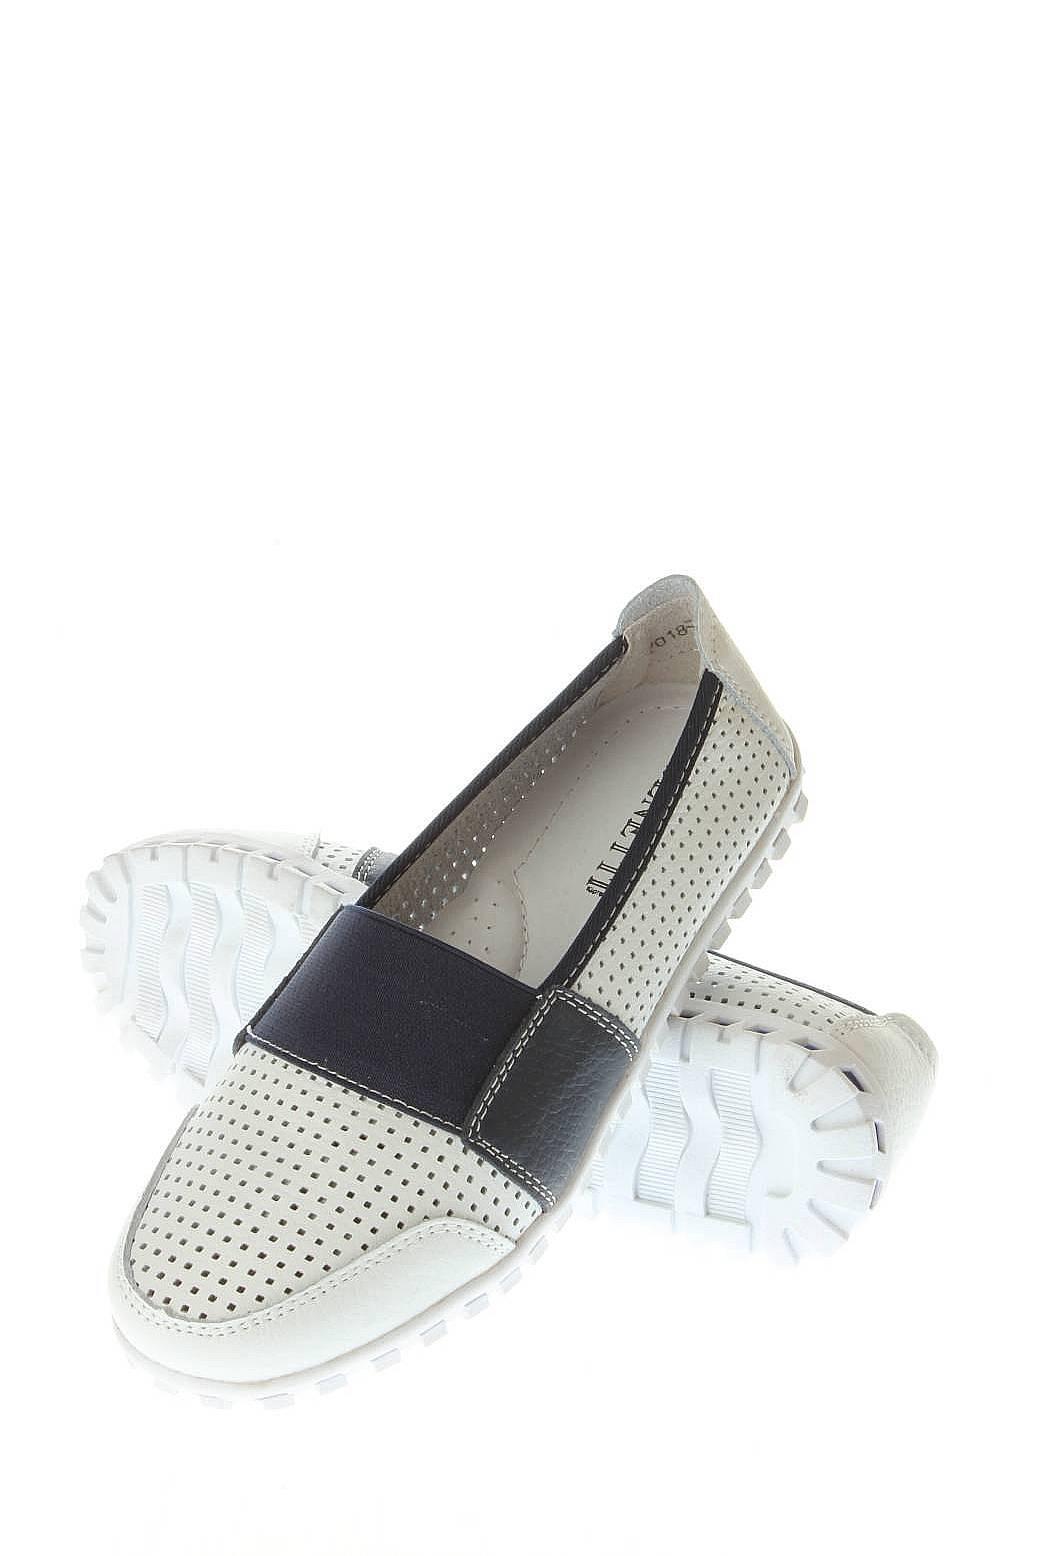 Мужская Обувь Детская Обувь Женская Обувь Туфли: Benetti Обувь